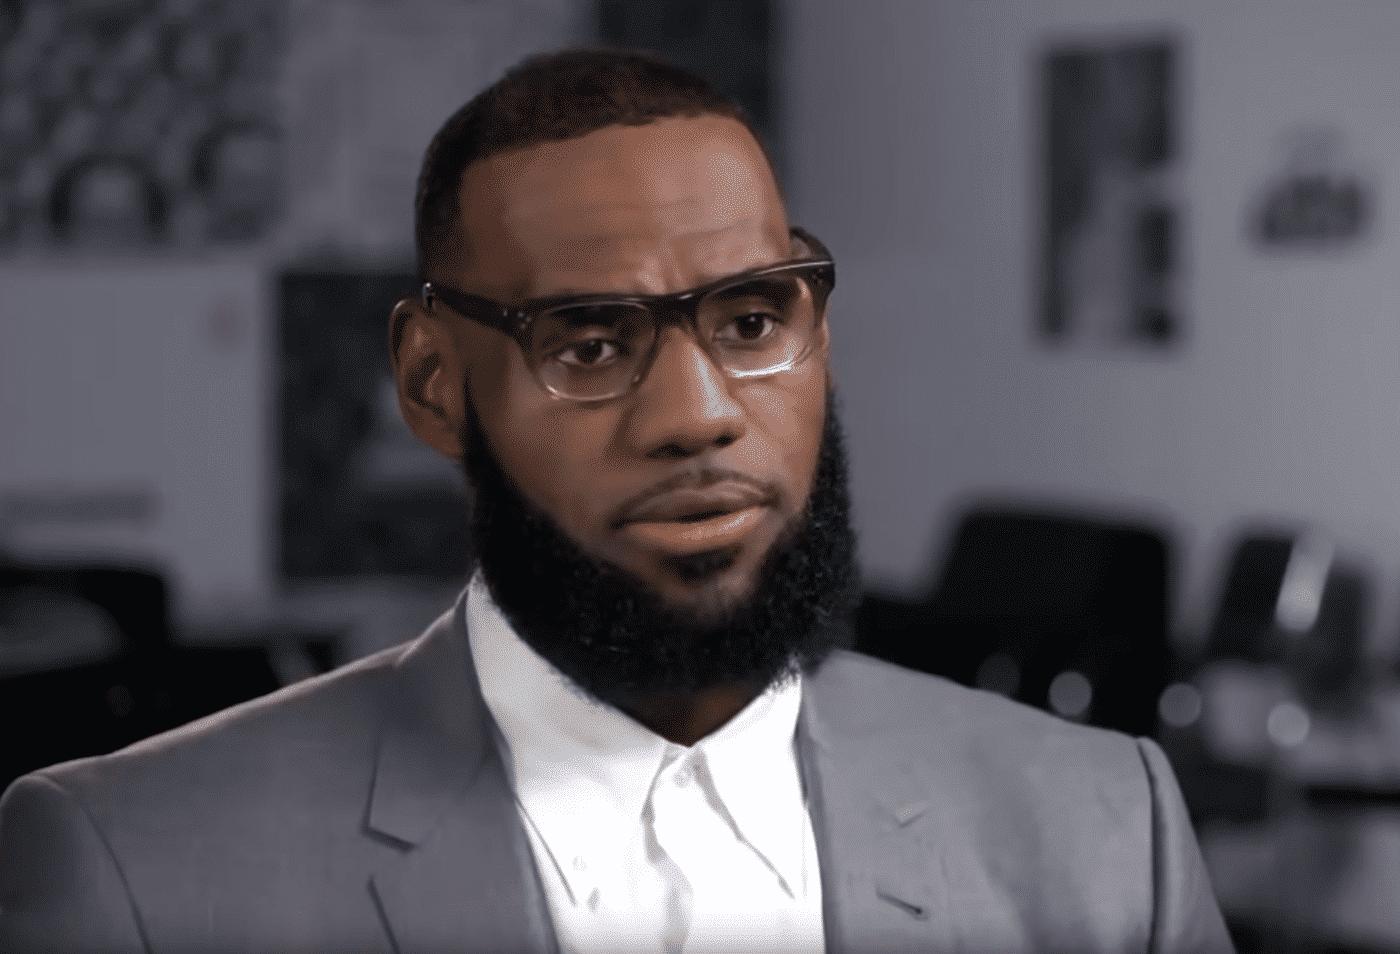 LeBron se moque des haters de Nike après la pub avec Kaepernick